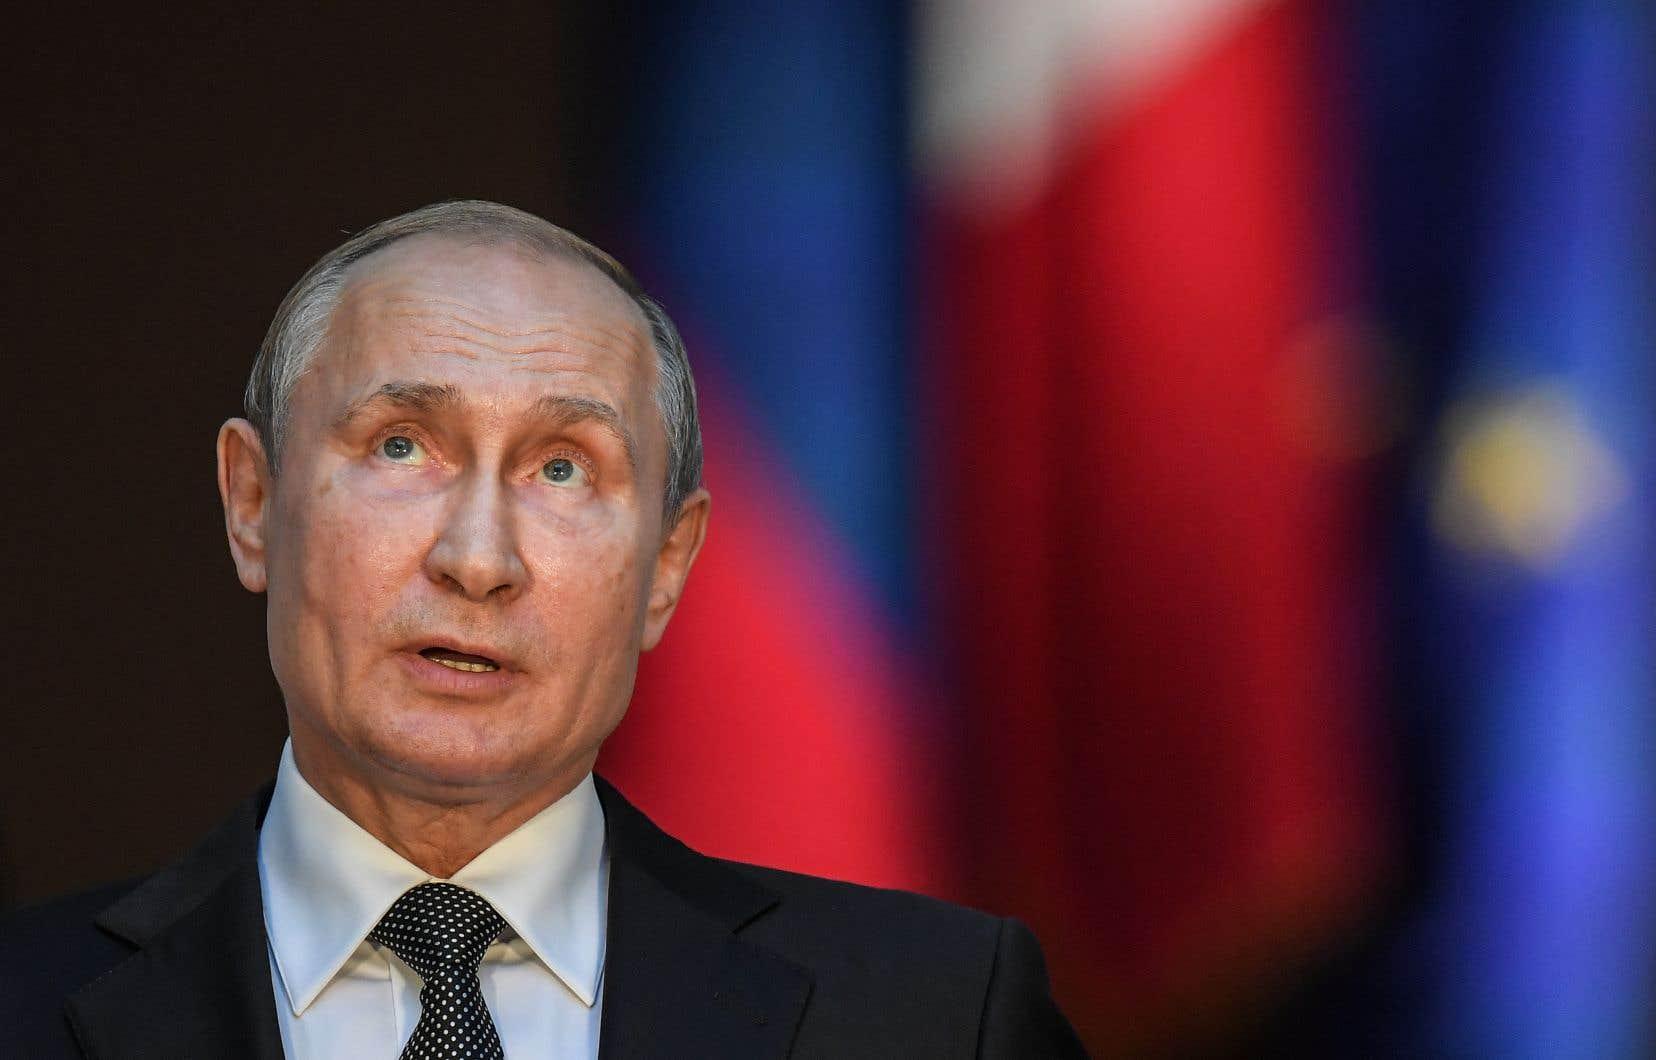 Selon l'auteur, Vladimir Poutine ne voit dans la démocratie qu'un régime fragile, décadent, livré aux influences délétères de la modernité.